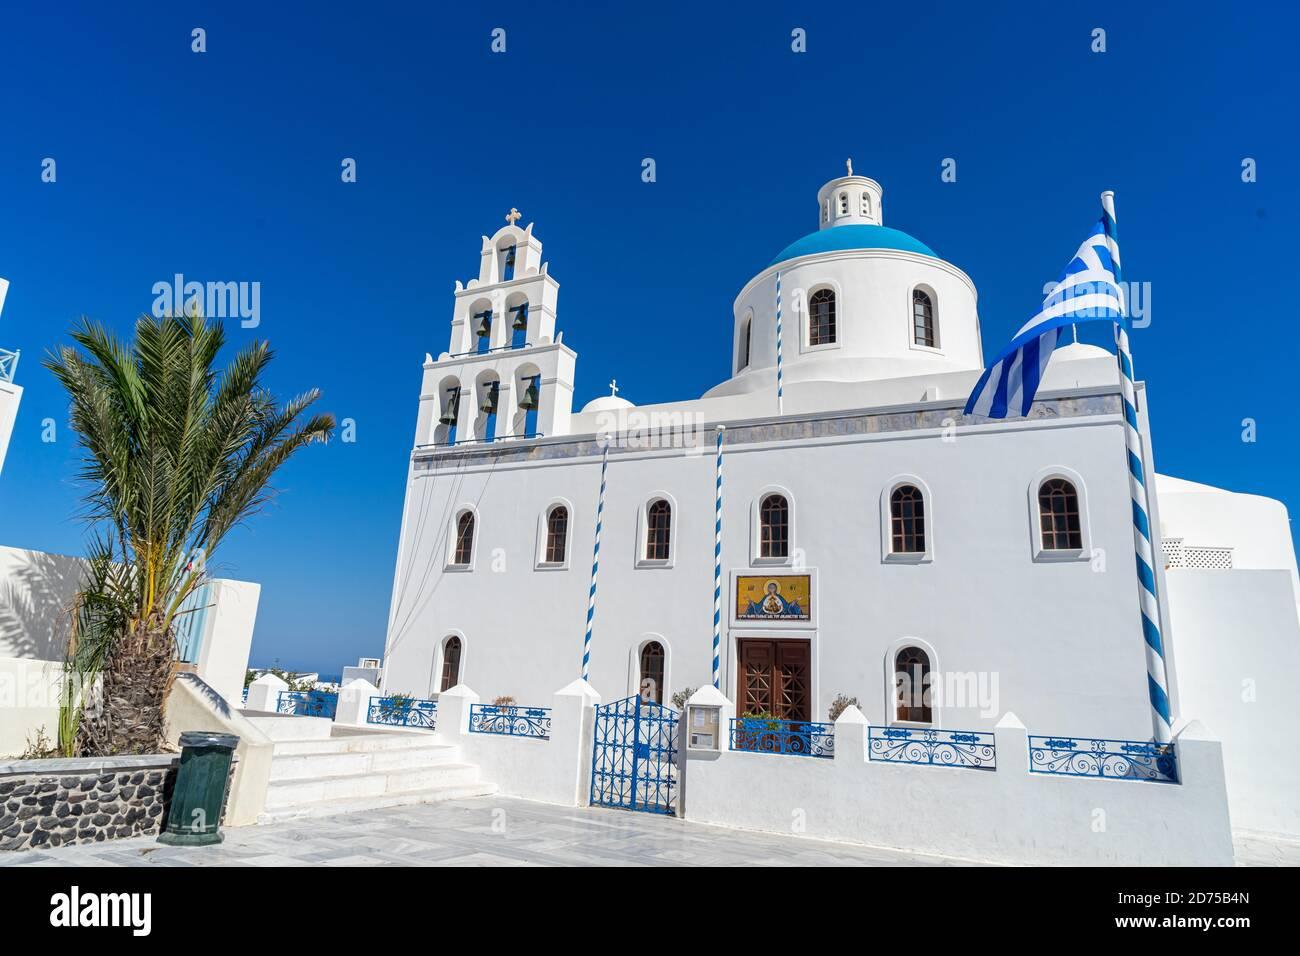 Eglise orthodoxe à Oia, Santorin, Grèce, un jour d'été avec drapeau grec. Beau ciel bleu clair. Banque D'Images